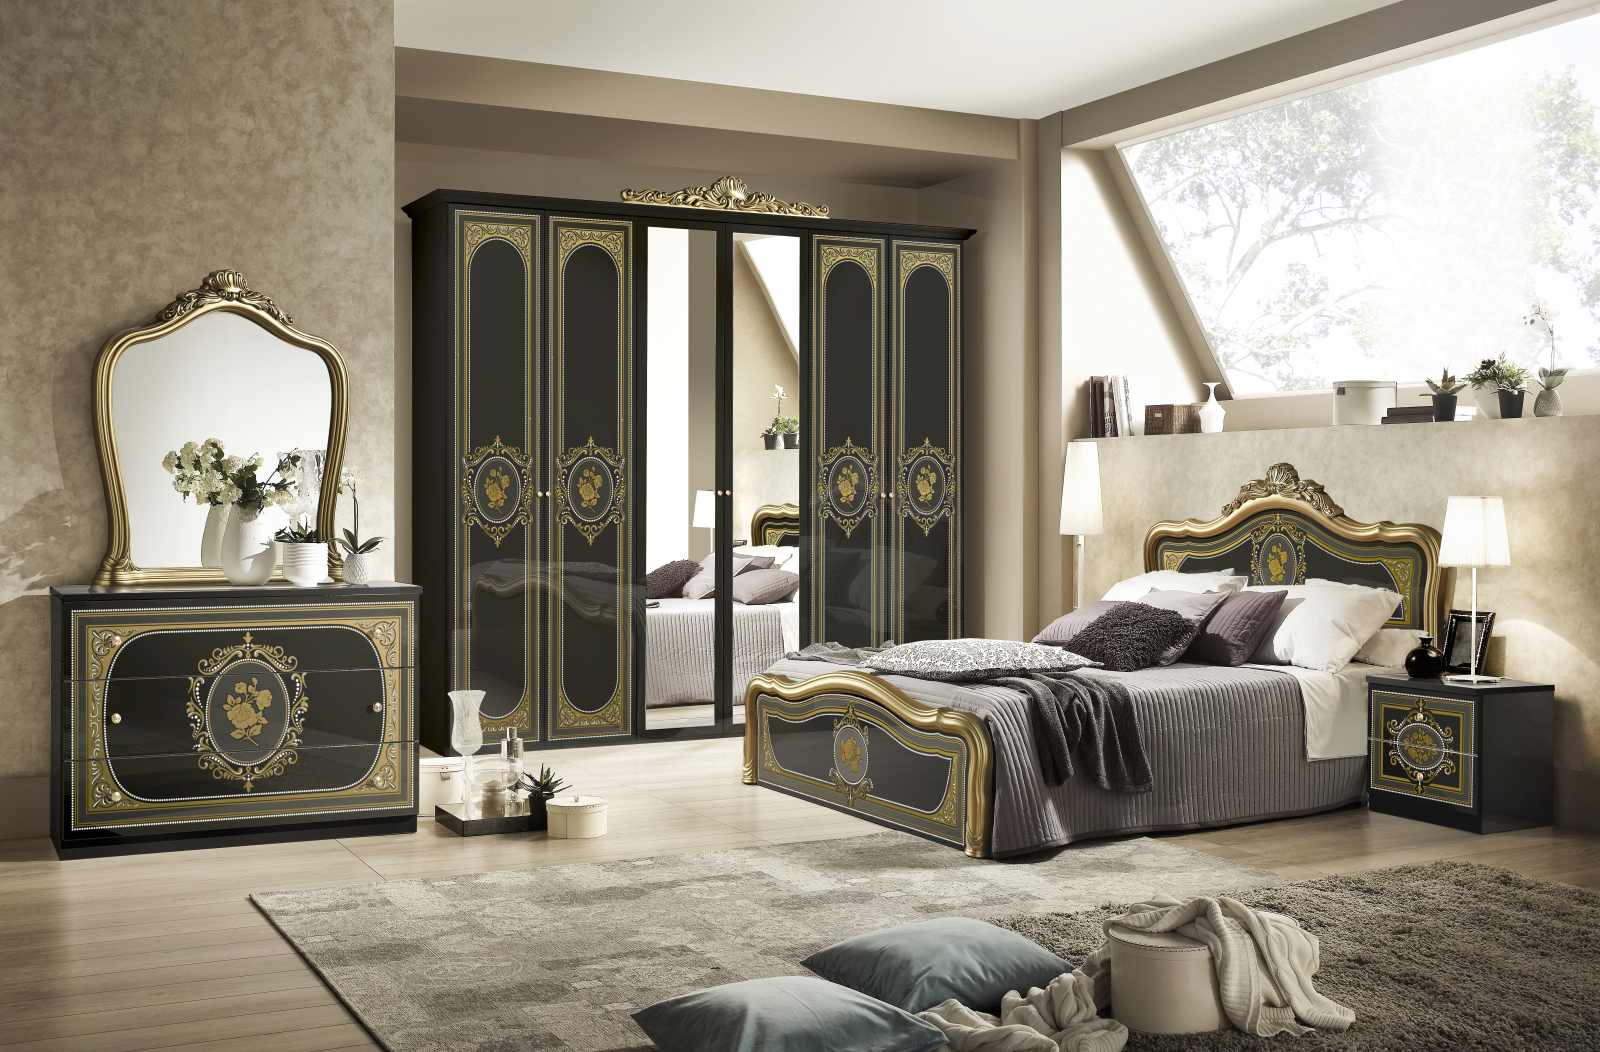 Full Size of Roller Schlafzimmer 6 Teiliges Alice Schwarz Hochglanz Gold Online Gardinen Regal Rauch Romantische Regale Loddenkemper Wandtattoos Deckenlampe Truhe Günstige Wohnzimmer Roller Schlafzimmer